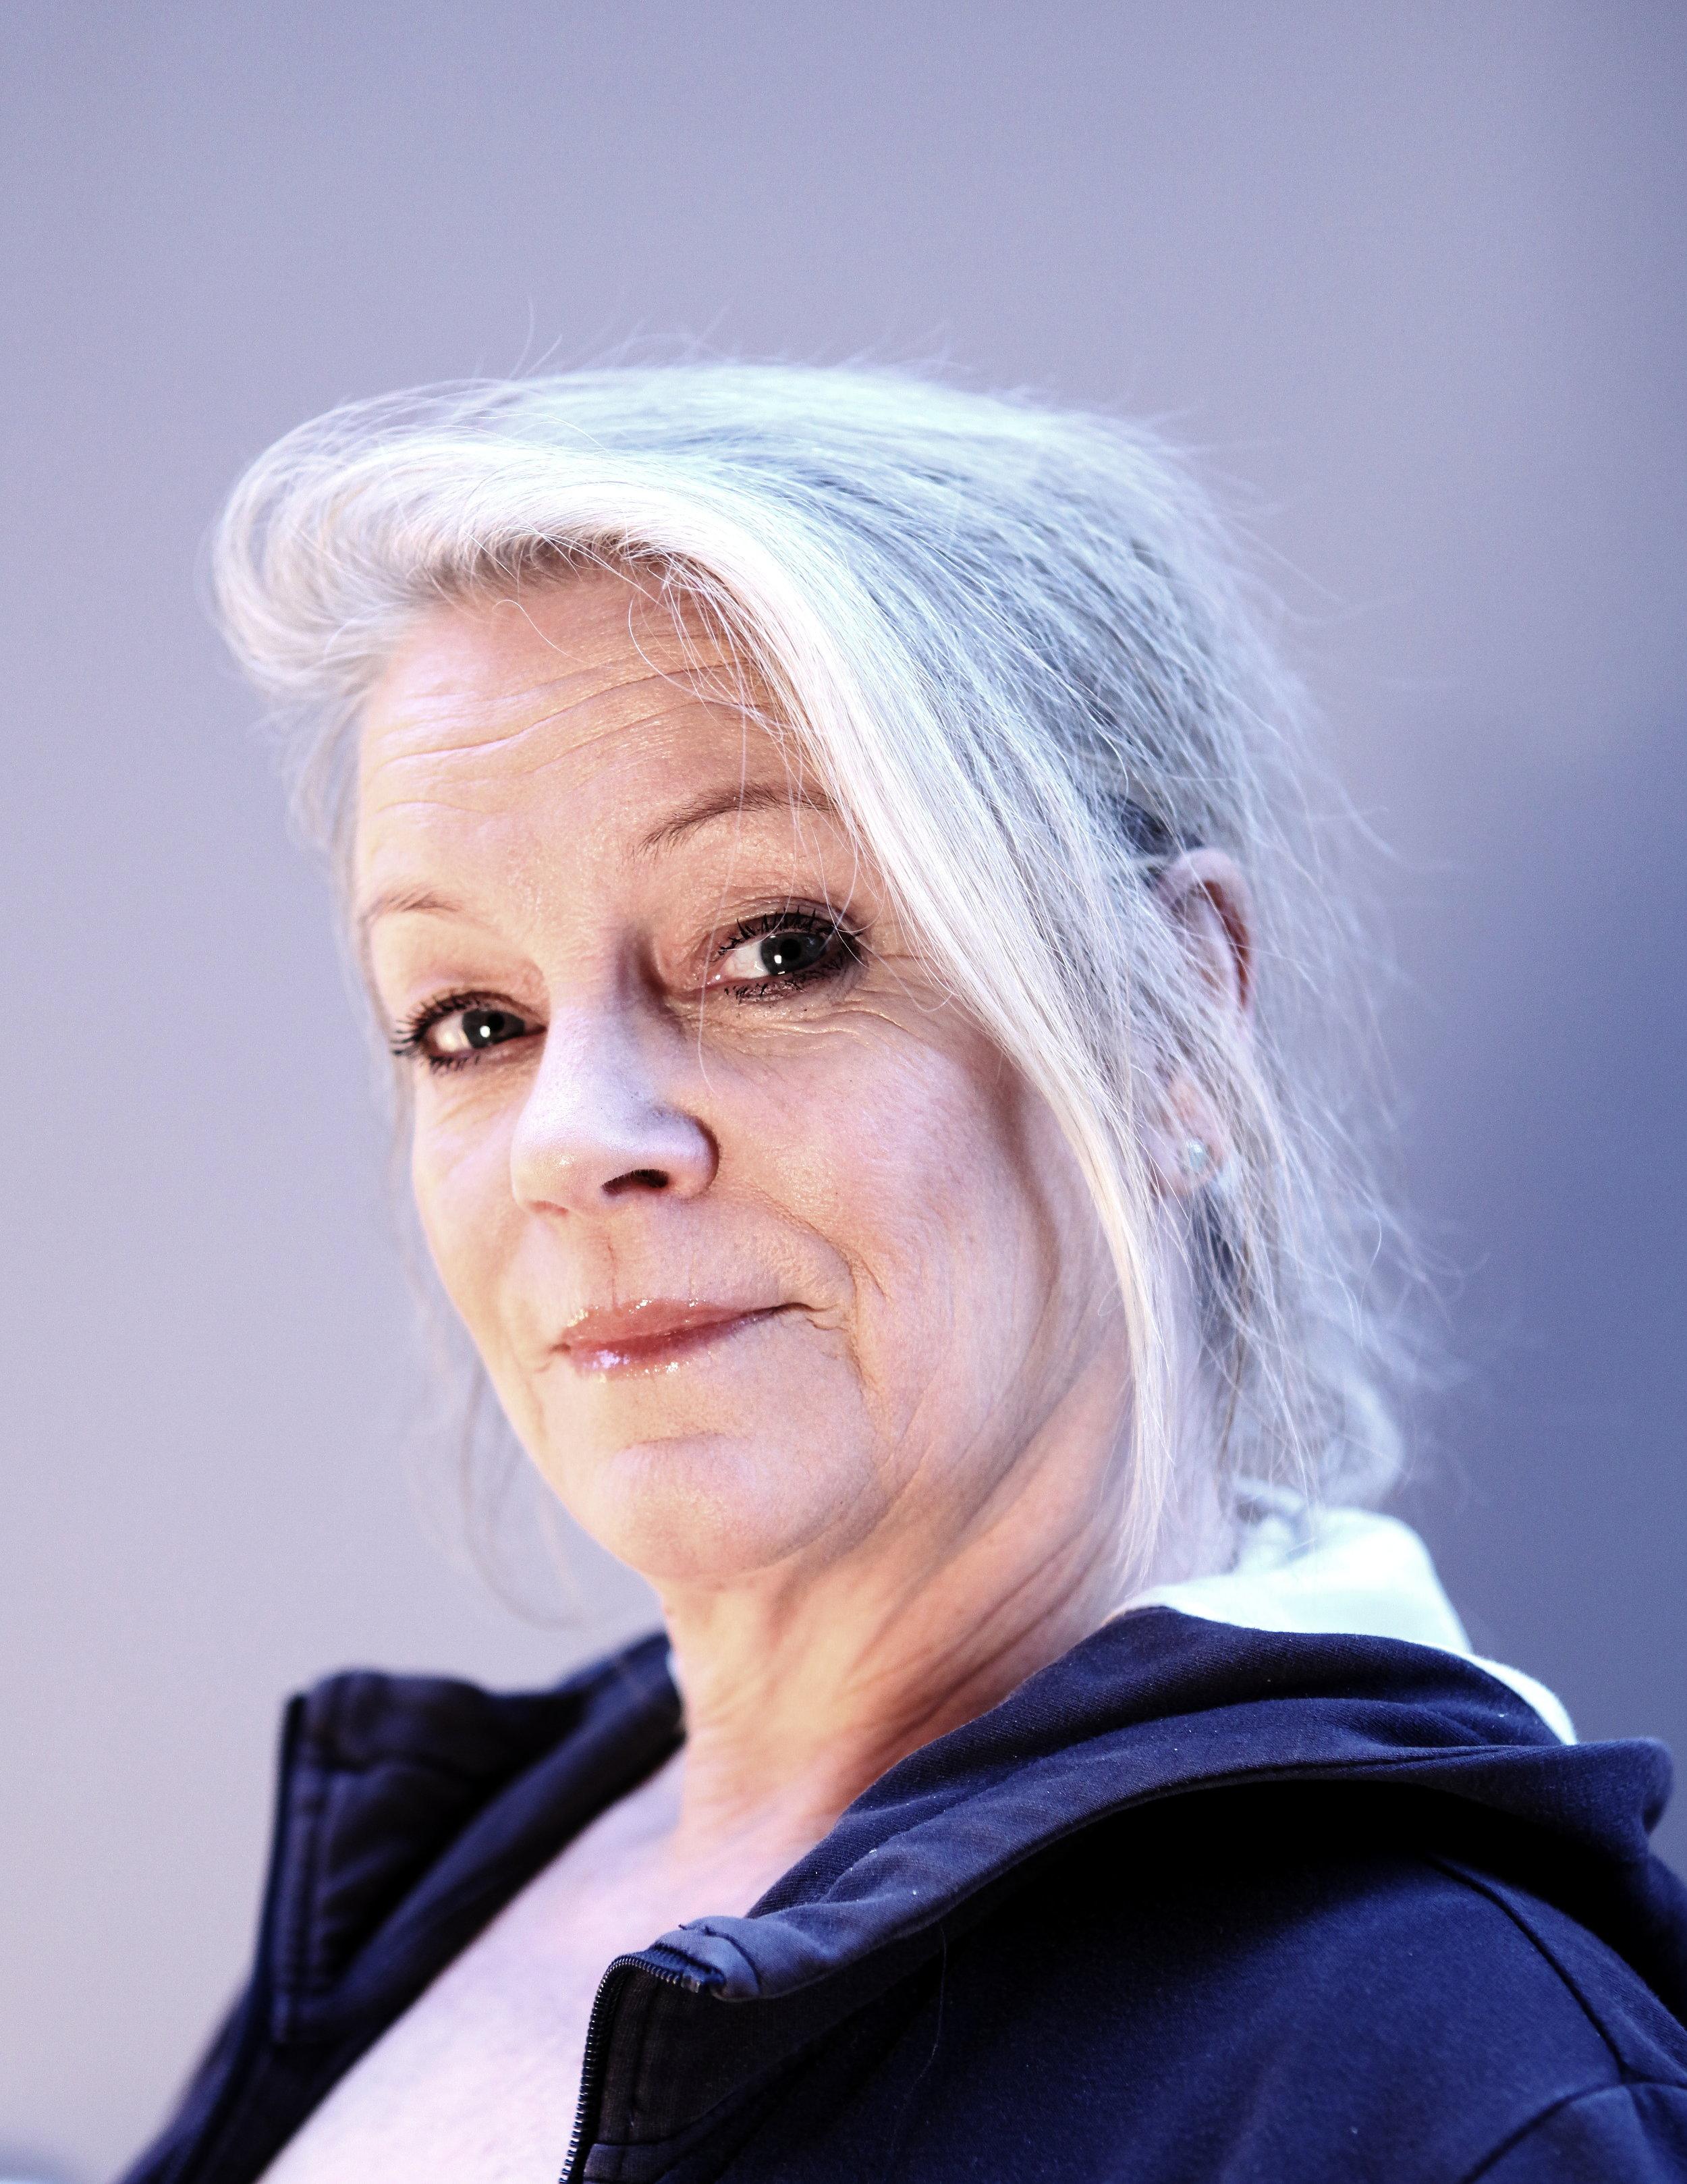 Koreograf Hilde Sol Erdal. Foto R. Tomkiewicz.